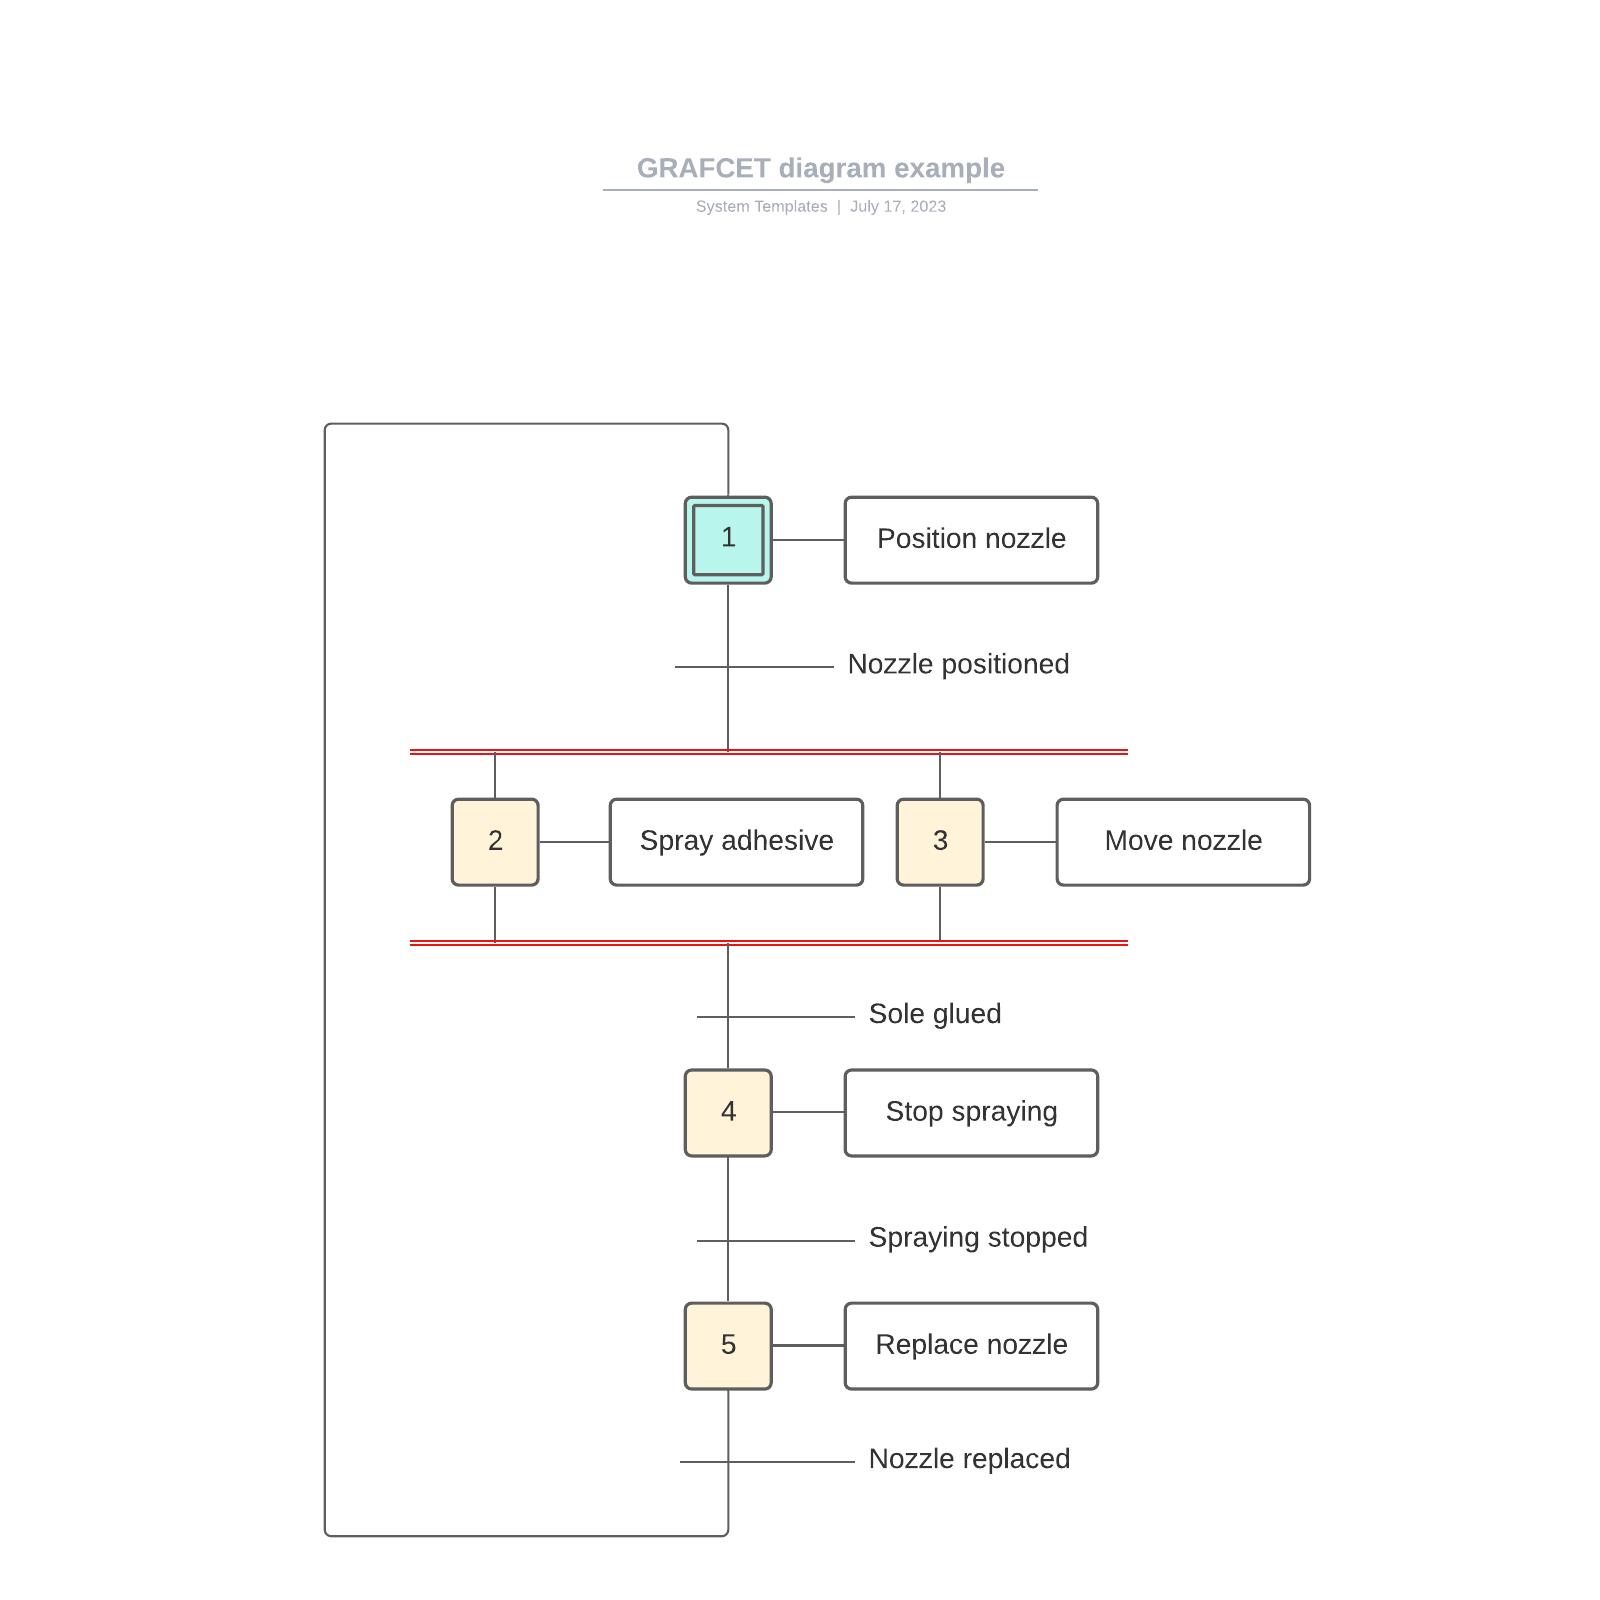 GRAFCET diagram example